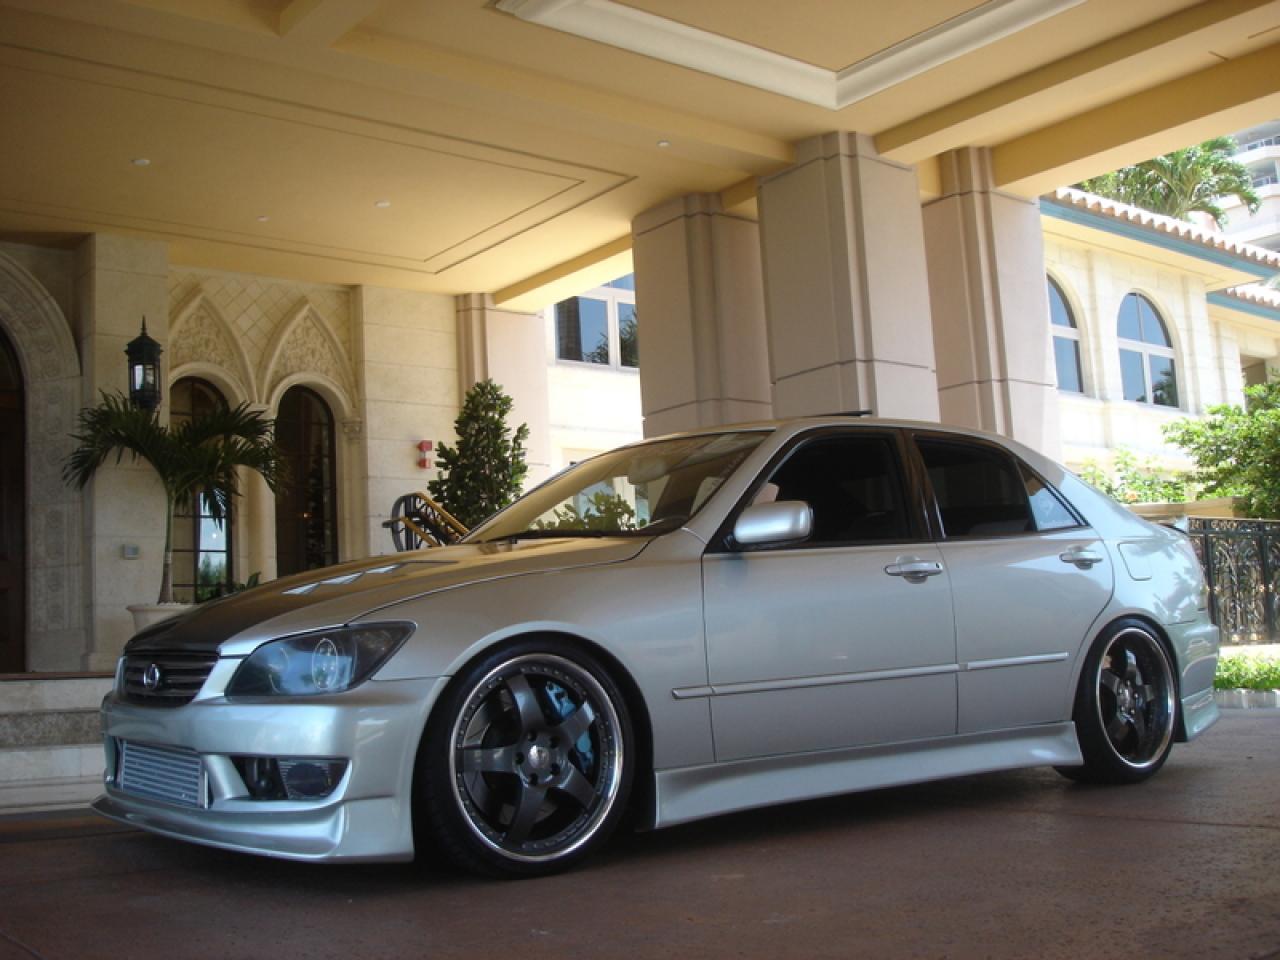 800 1024 1280 1600 origin 2002 Lexus ...